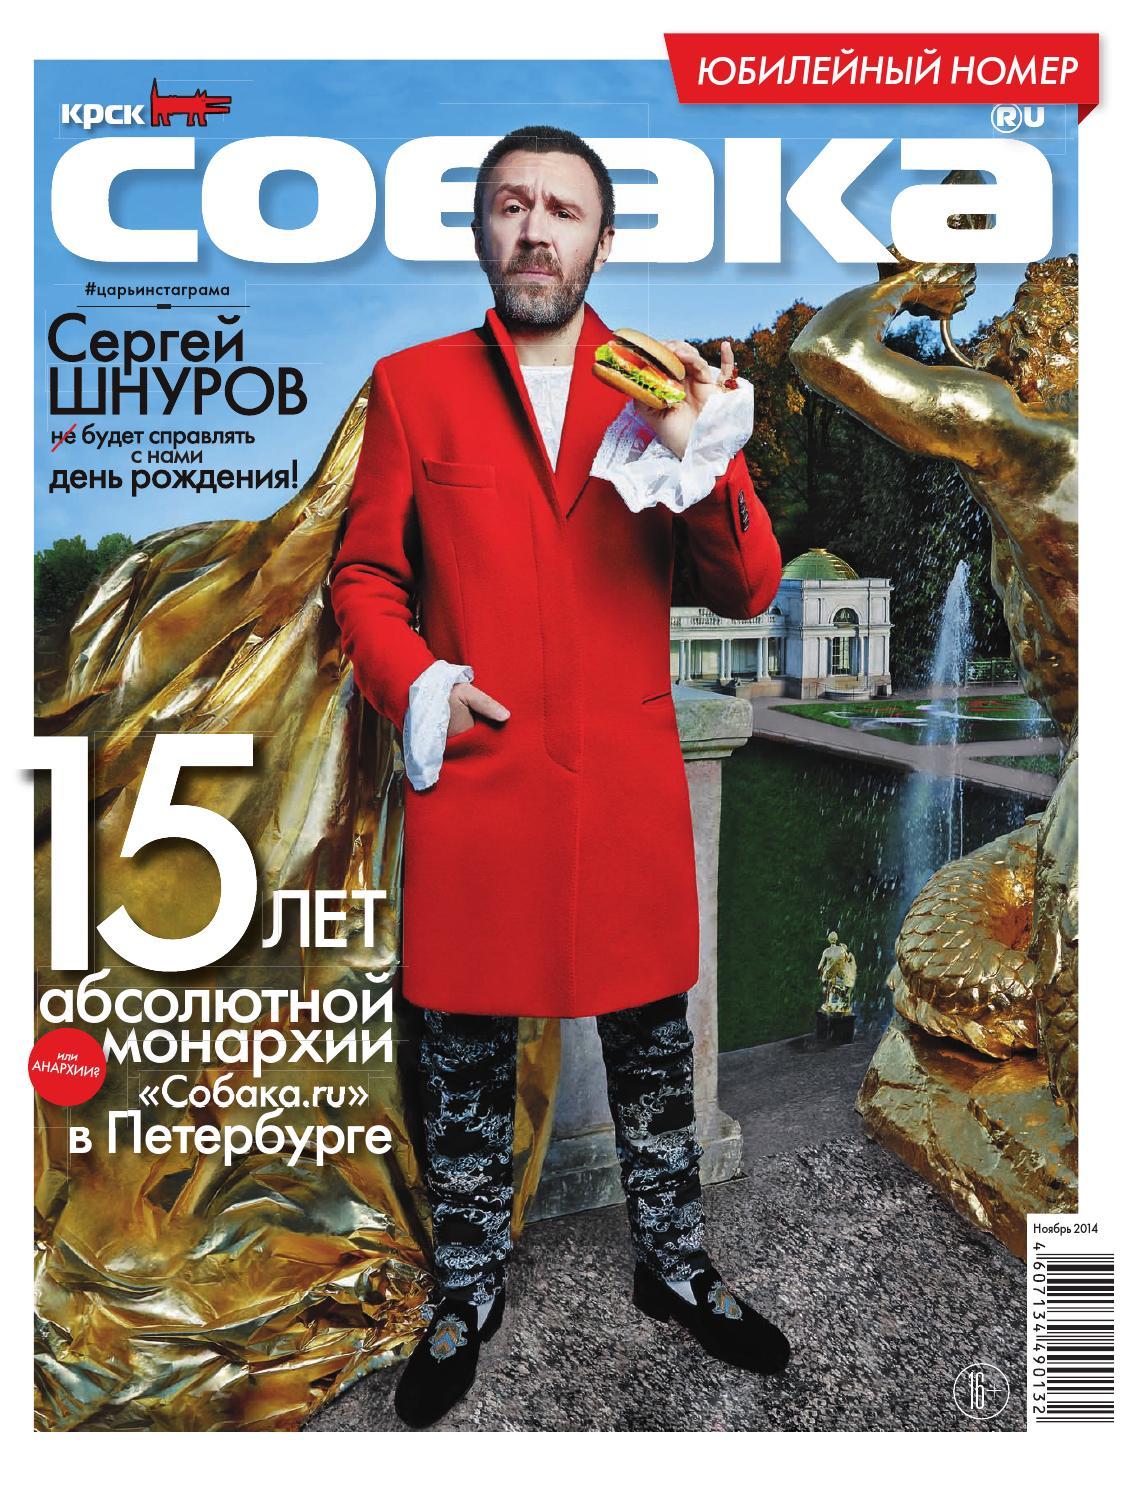 3586f9bdfb87 Крск Собака ru ноябрь 2014 by Alex Zhema - issuu